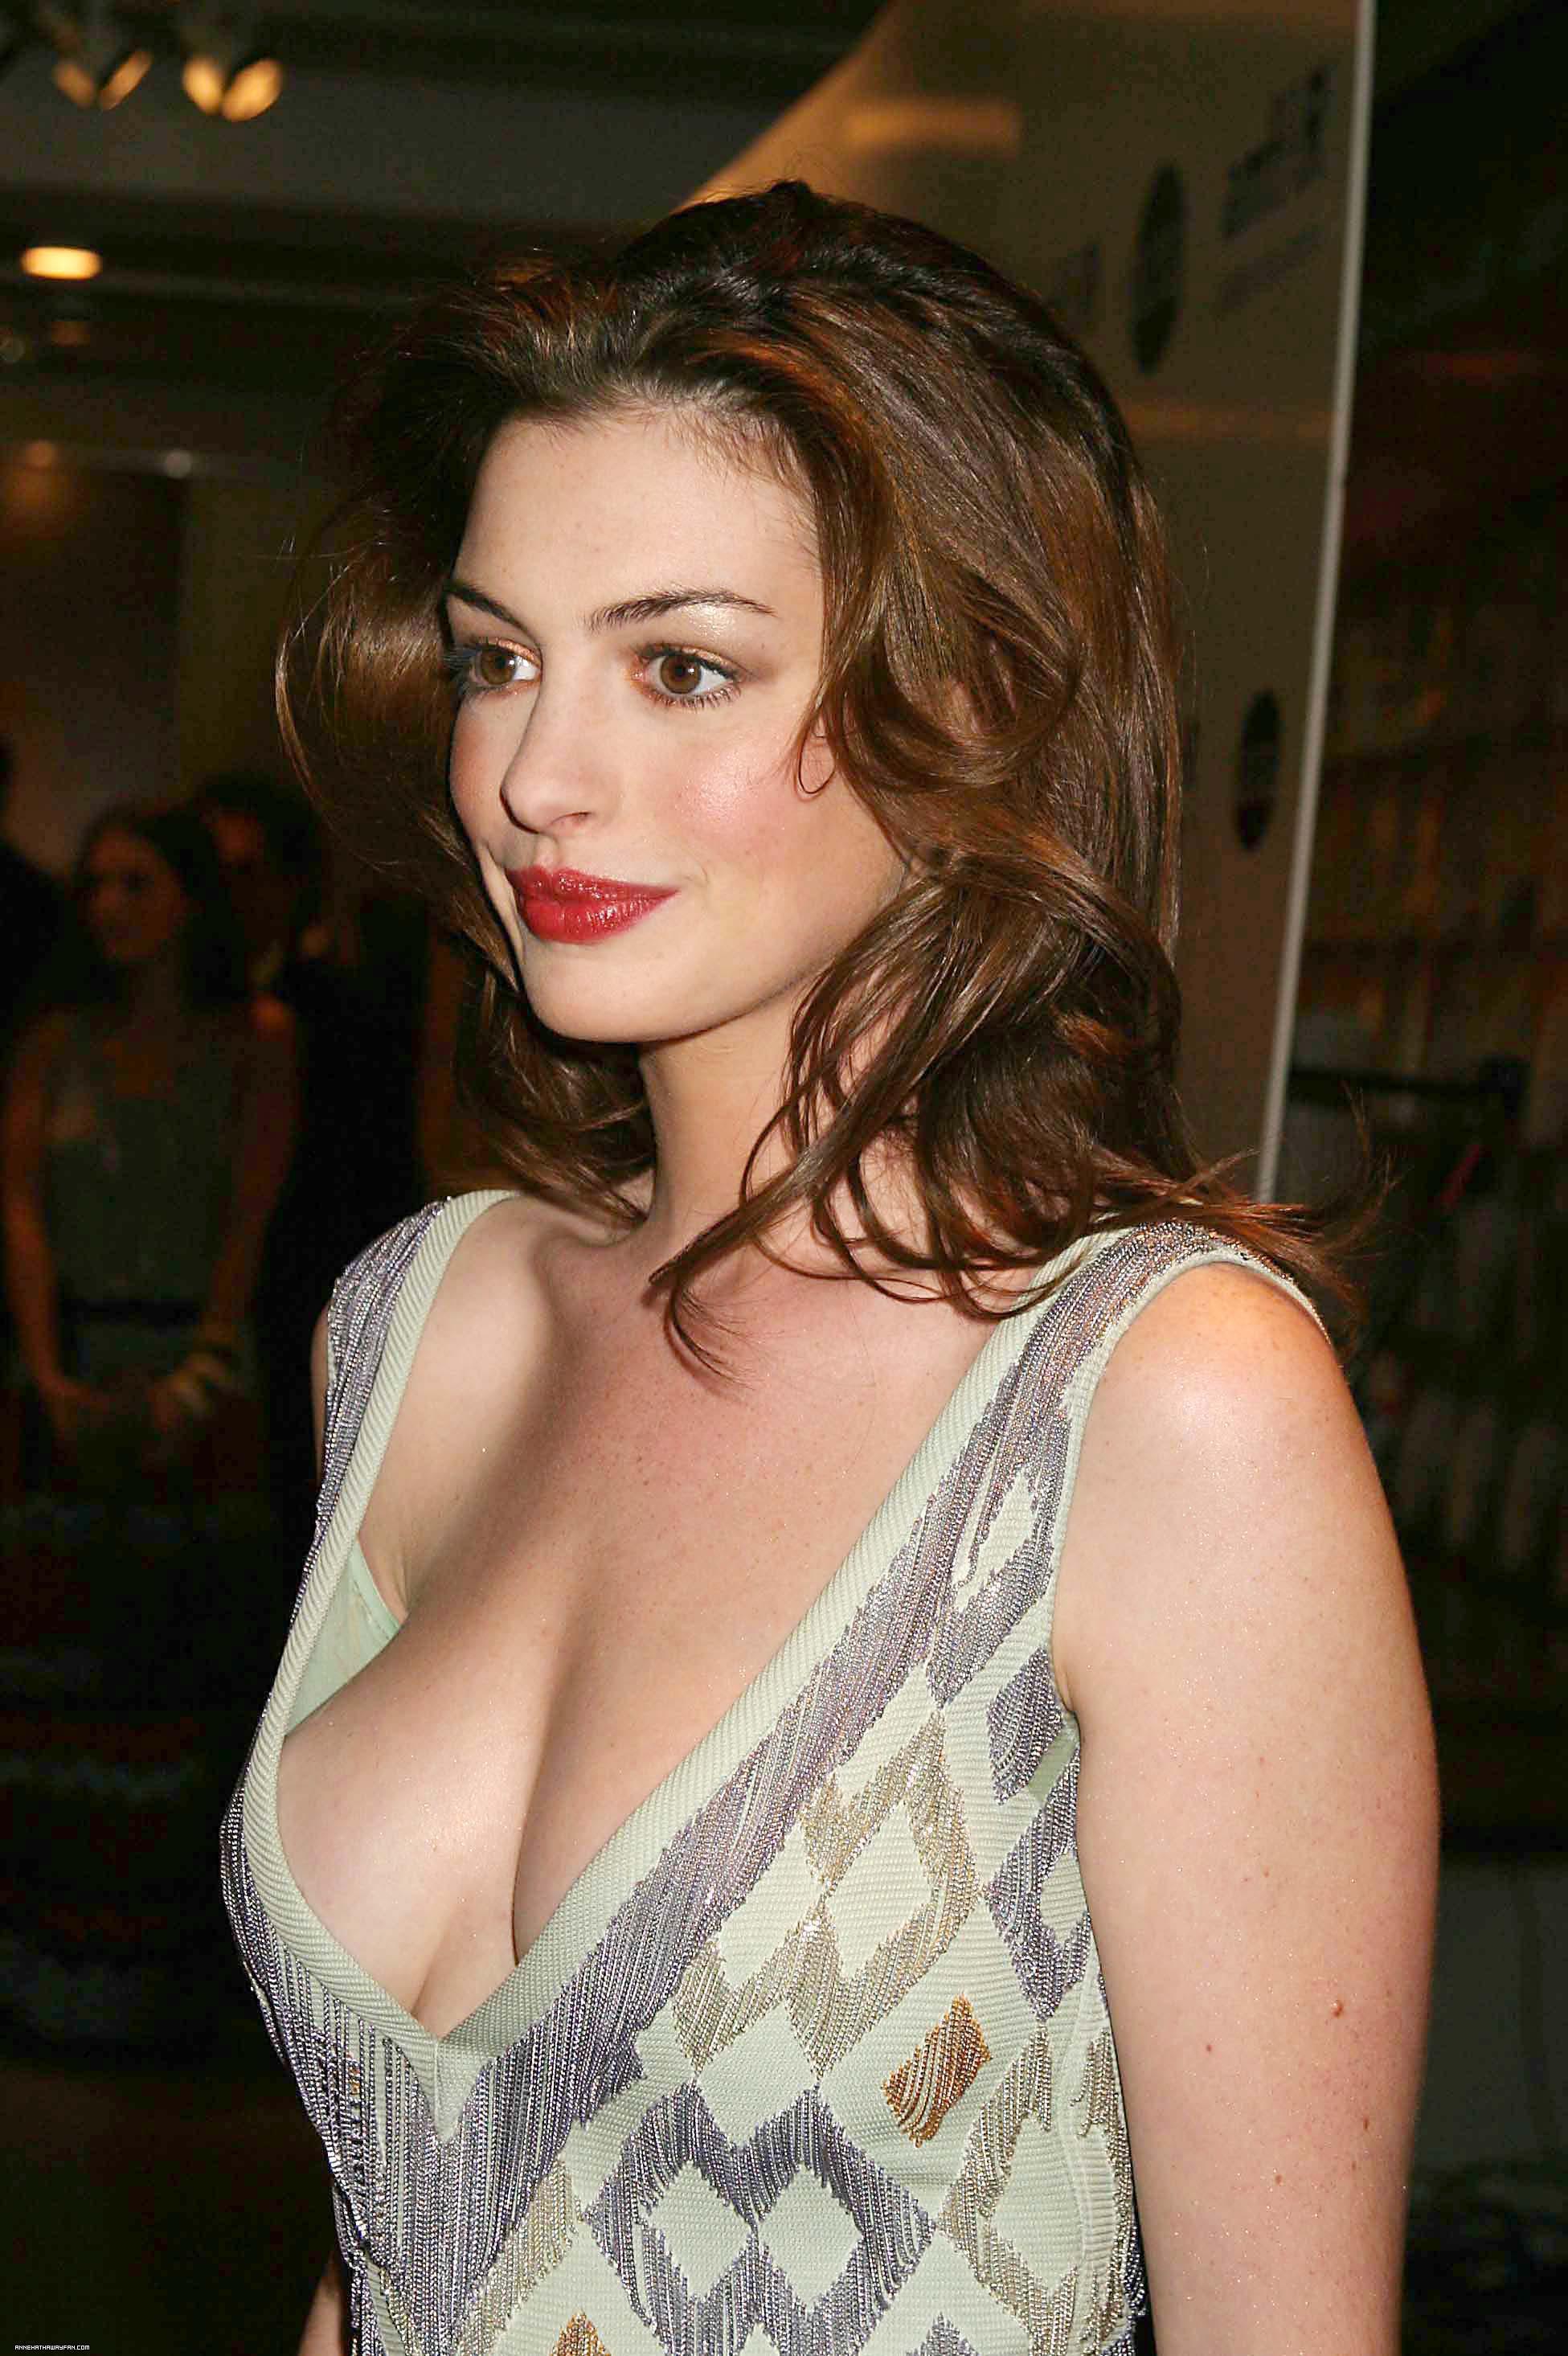 Anne Hathaway Porno anne hathaway porn pic - eporner